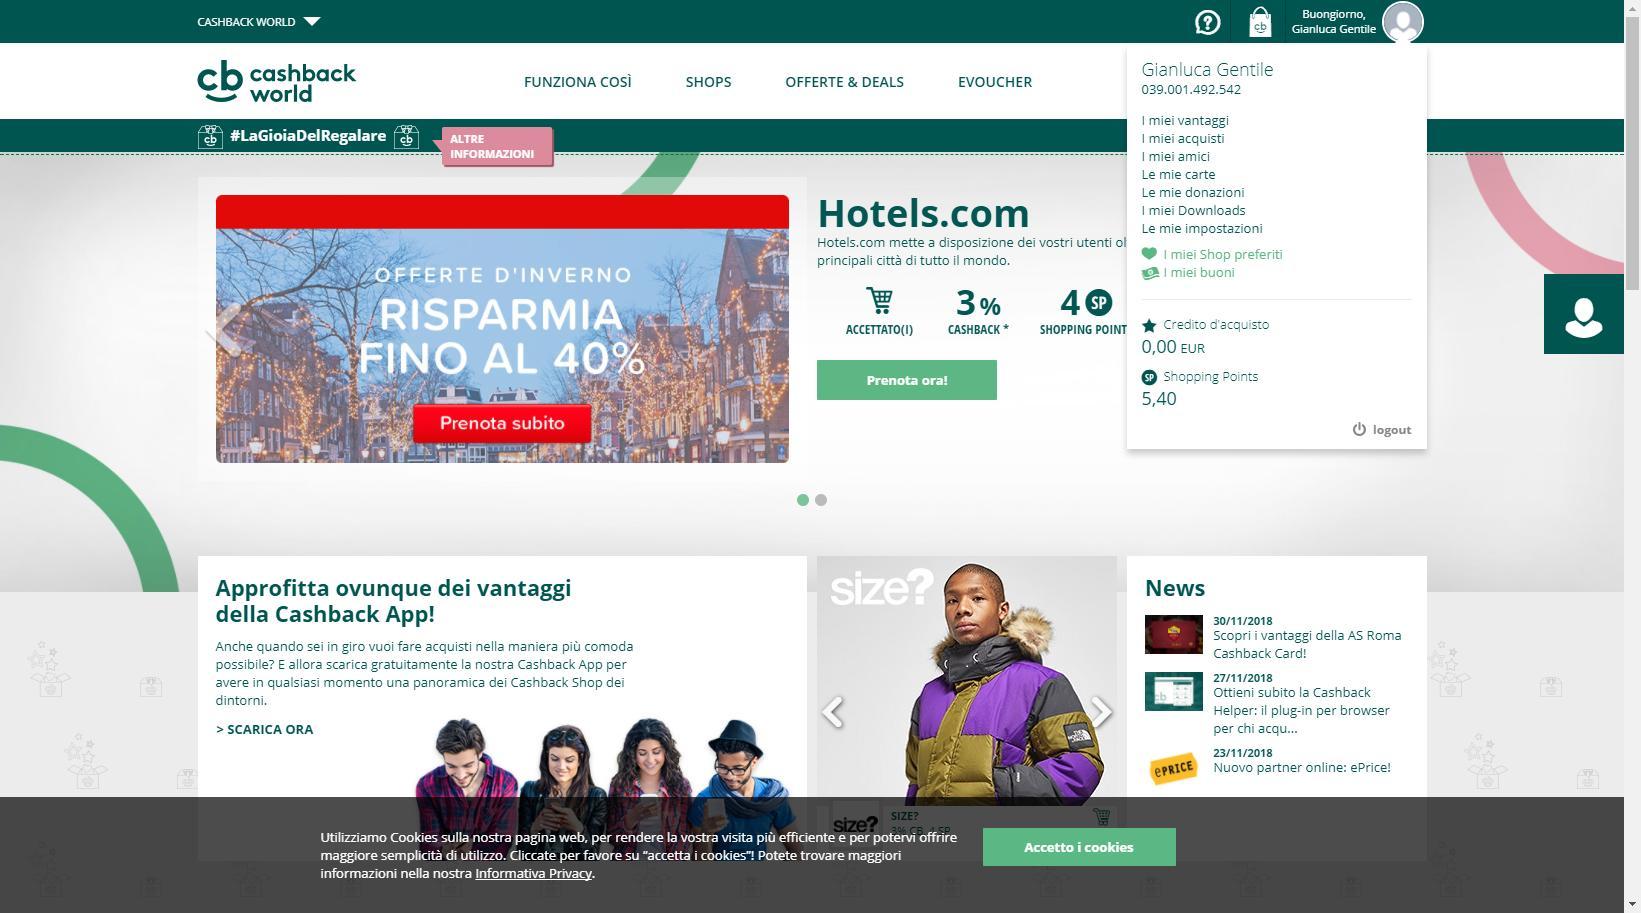 sito cashback - CashBack World come funziona - Sito Cashback: affidabilità e convenienza con Cashback World